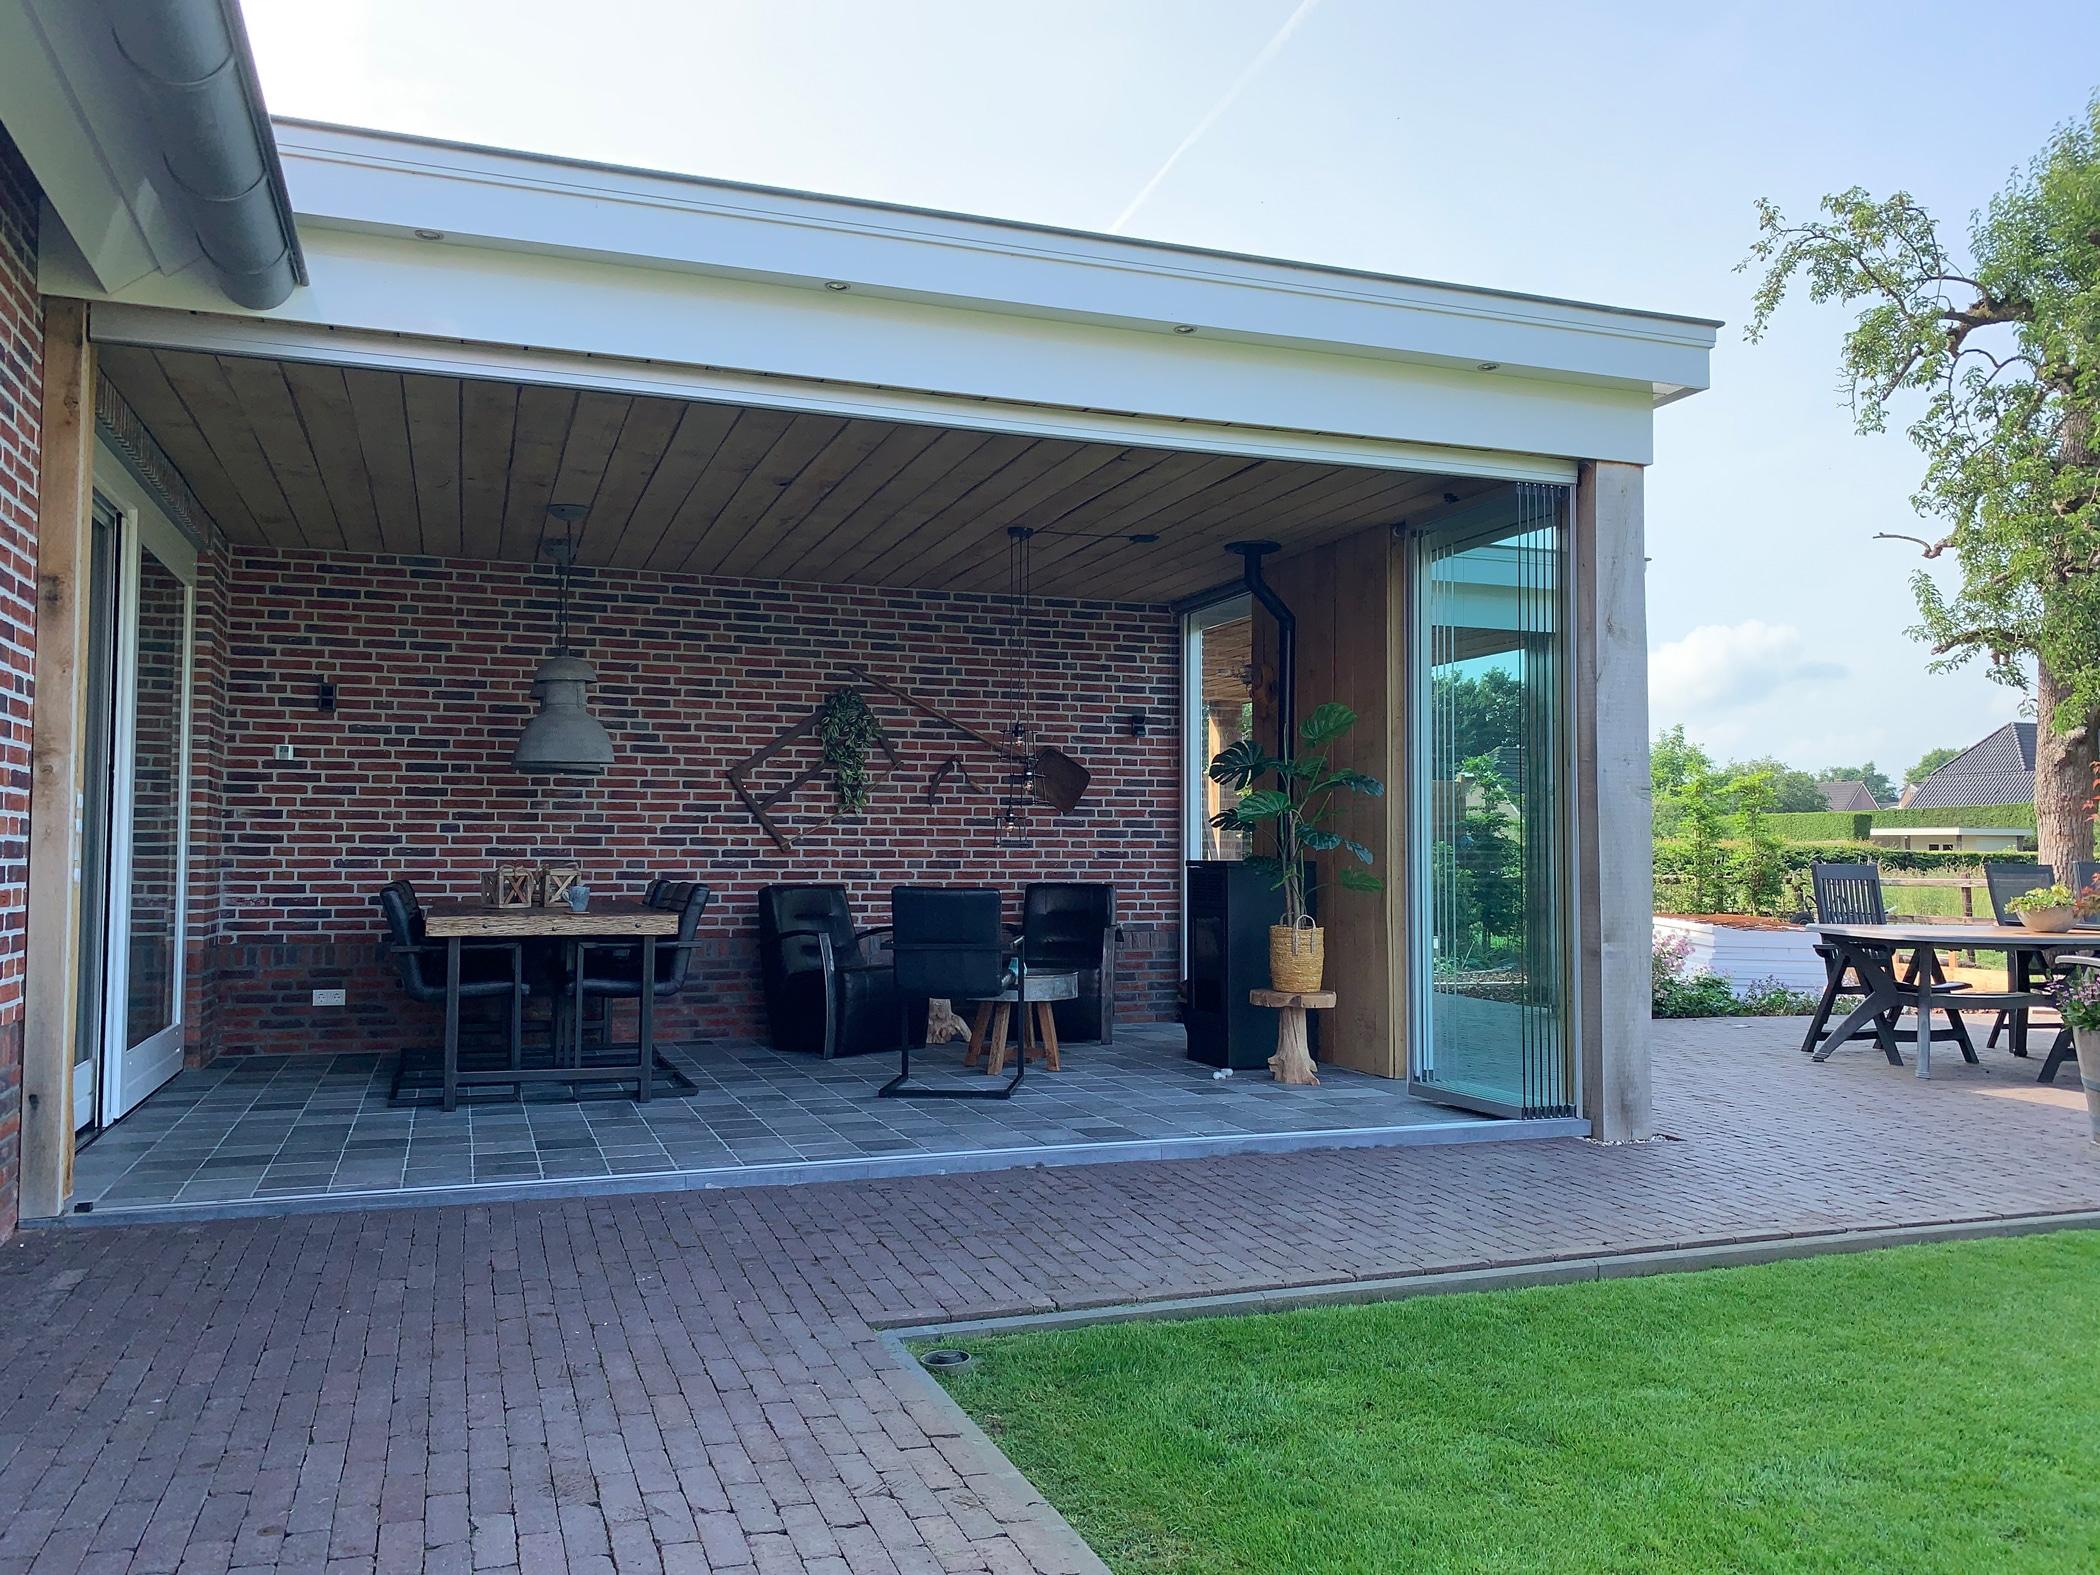 Schiebe-Dreh-Systeme für großflächige Öffnungen in den Garten